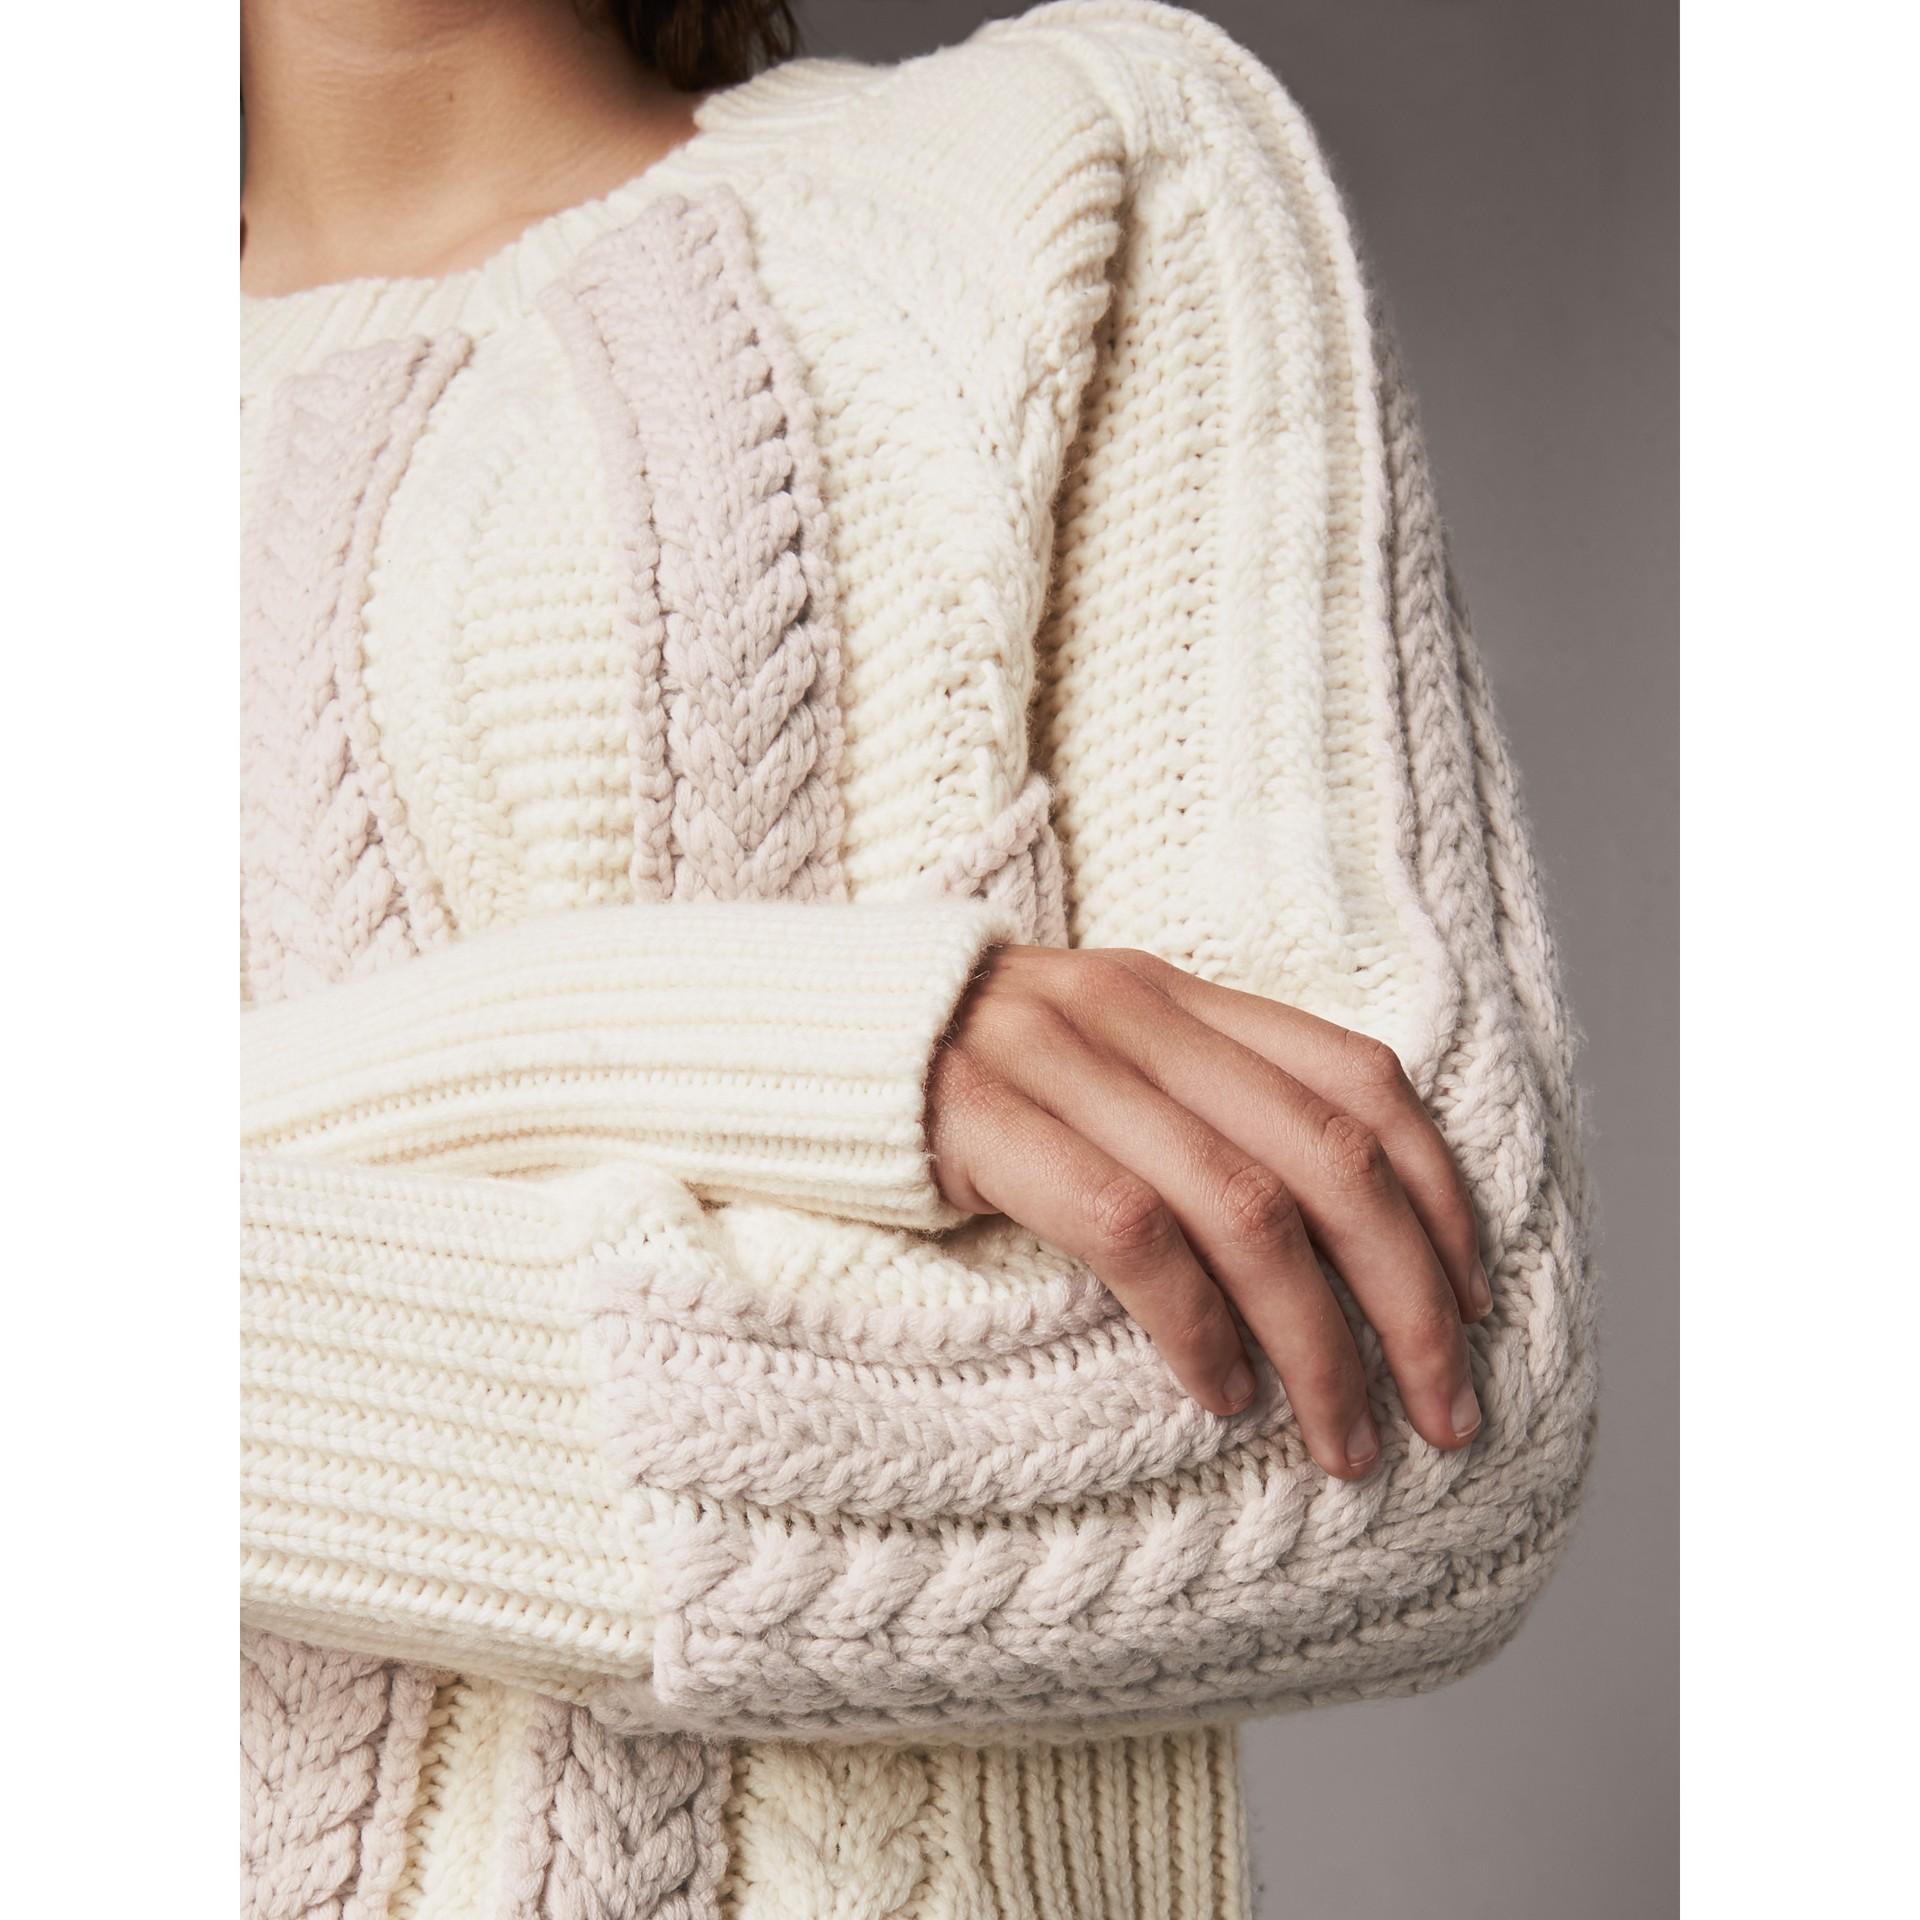 투톤 케이블 니트 울 캐시미어 스웨터 (내추럴 화이트) - 여성 | Burberry - 갤러리 이미지 2